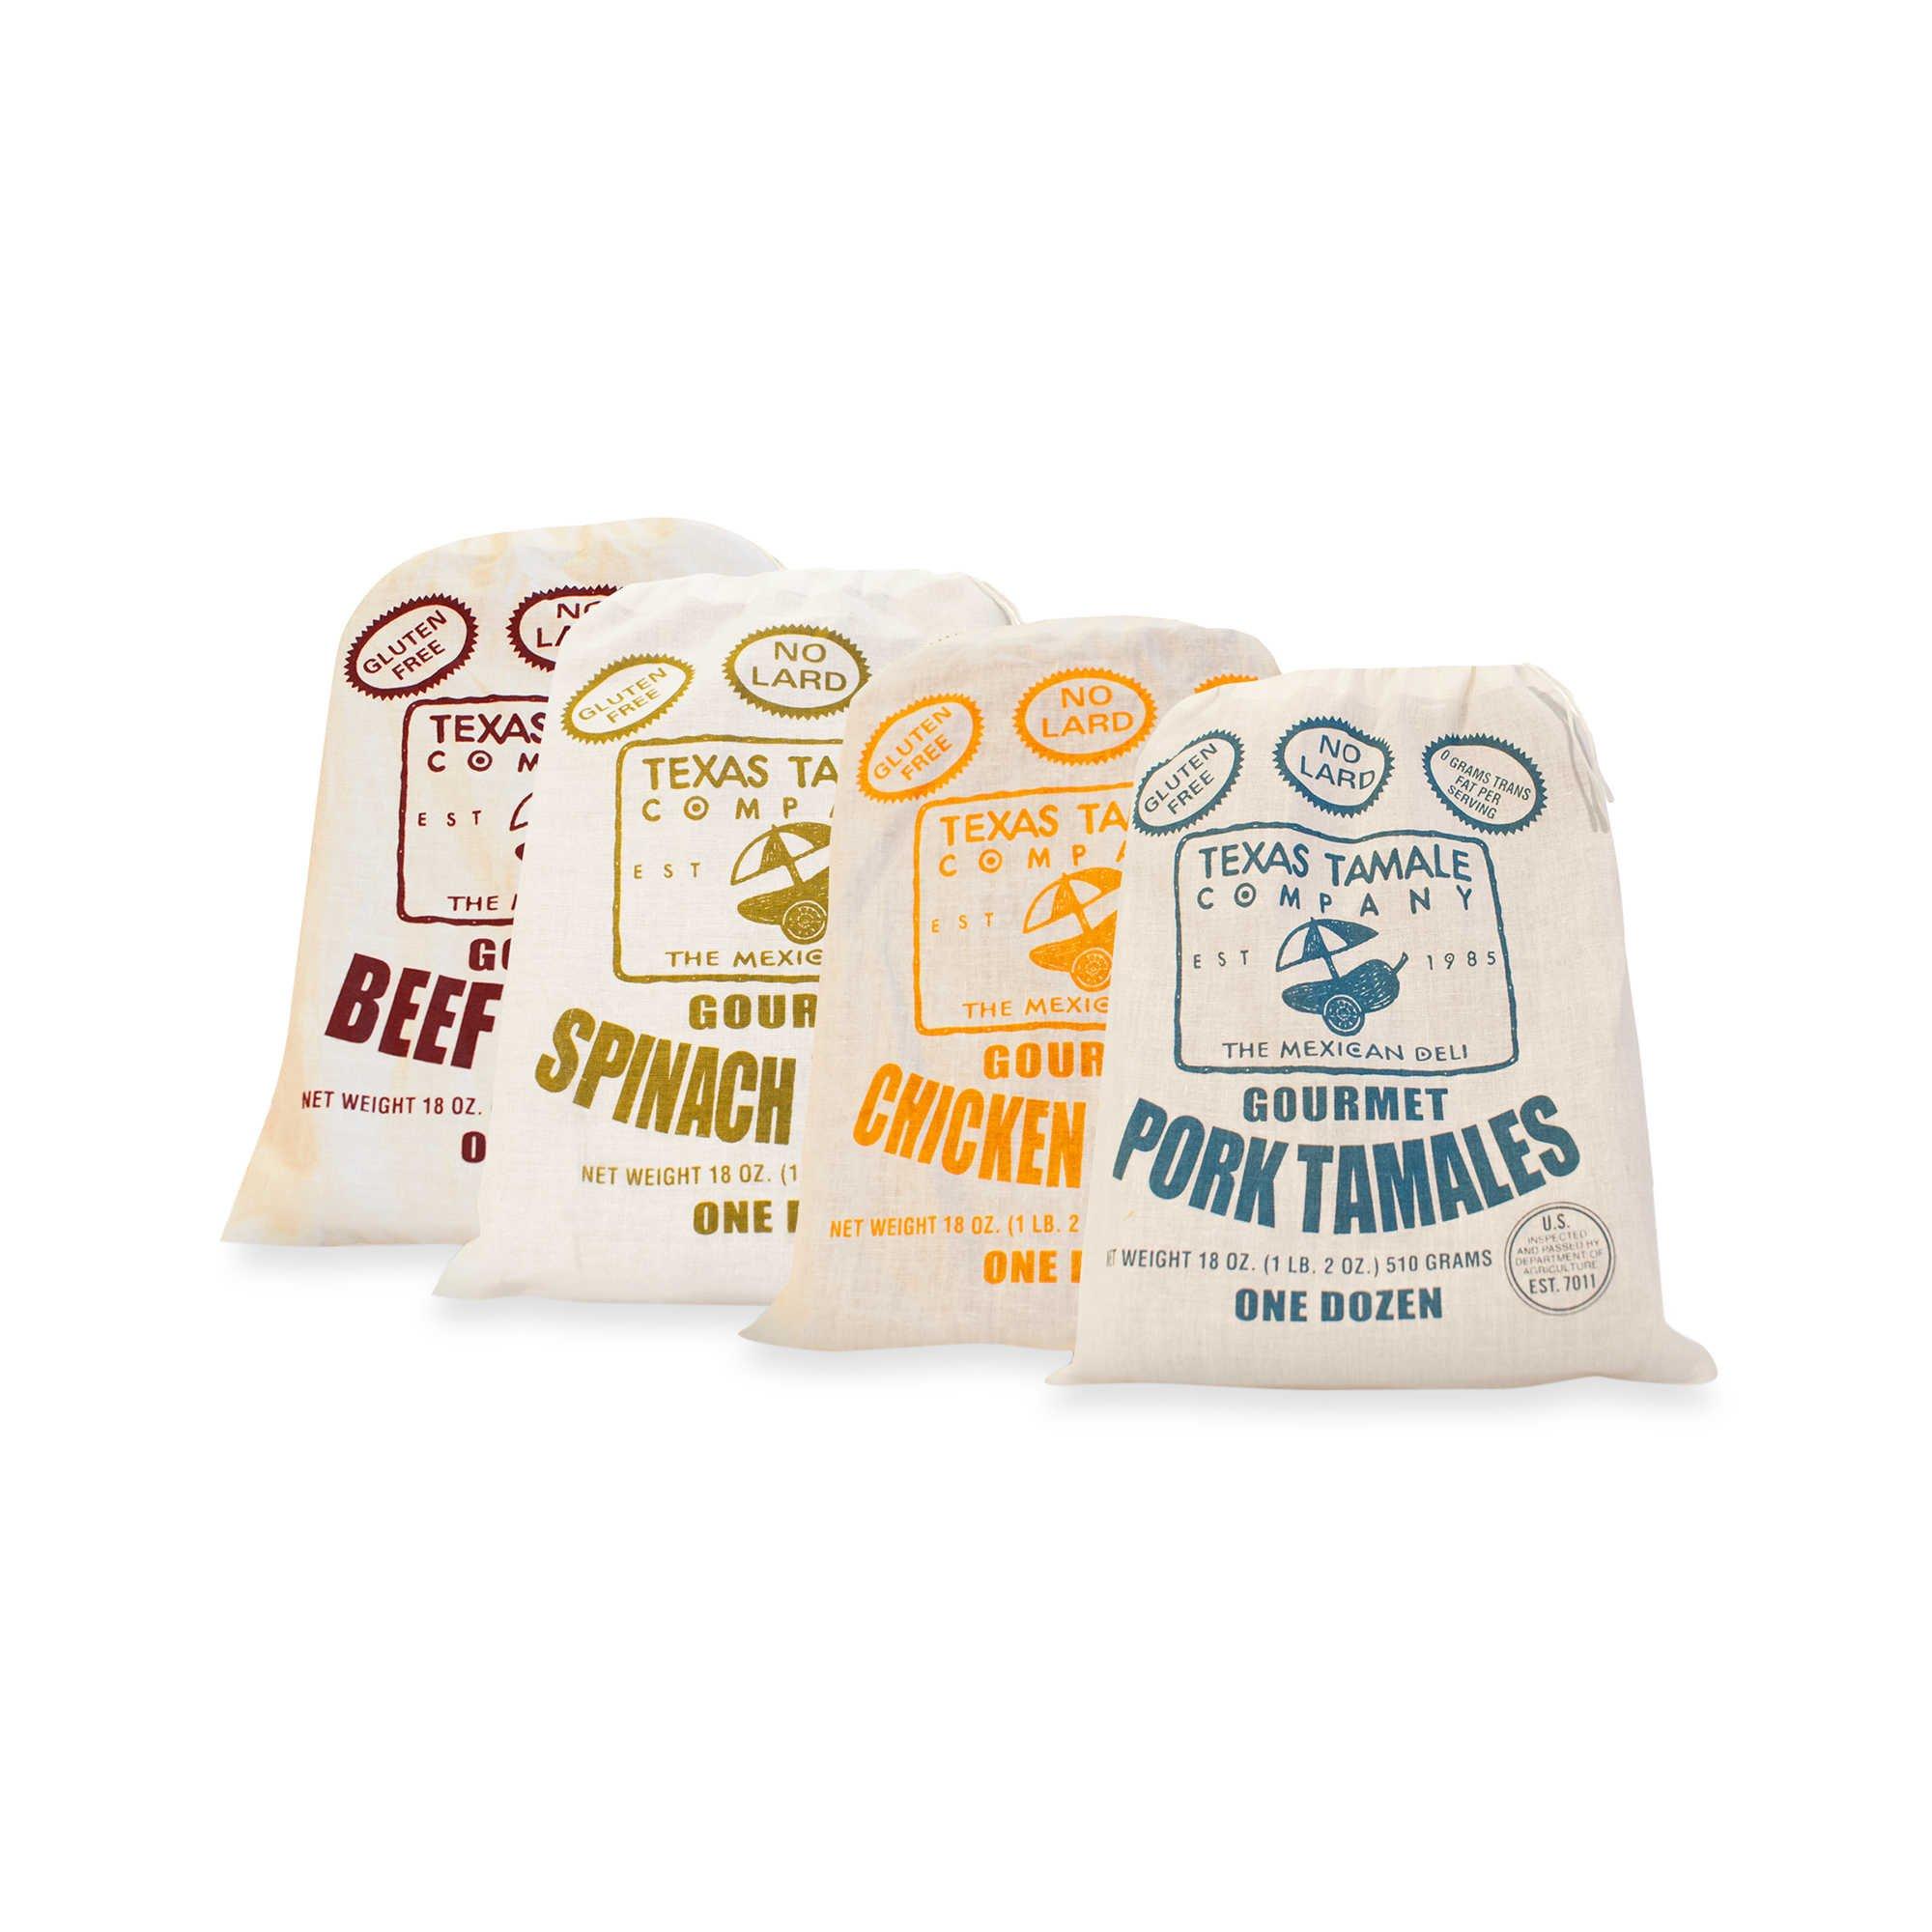 Texas Tamale Sampler Kit